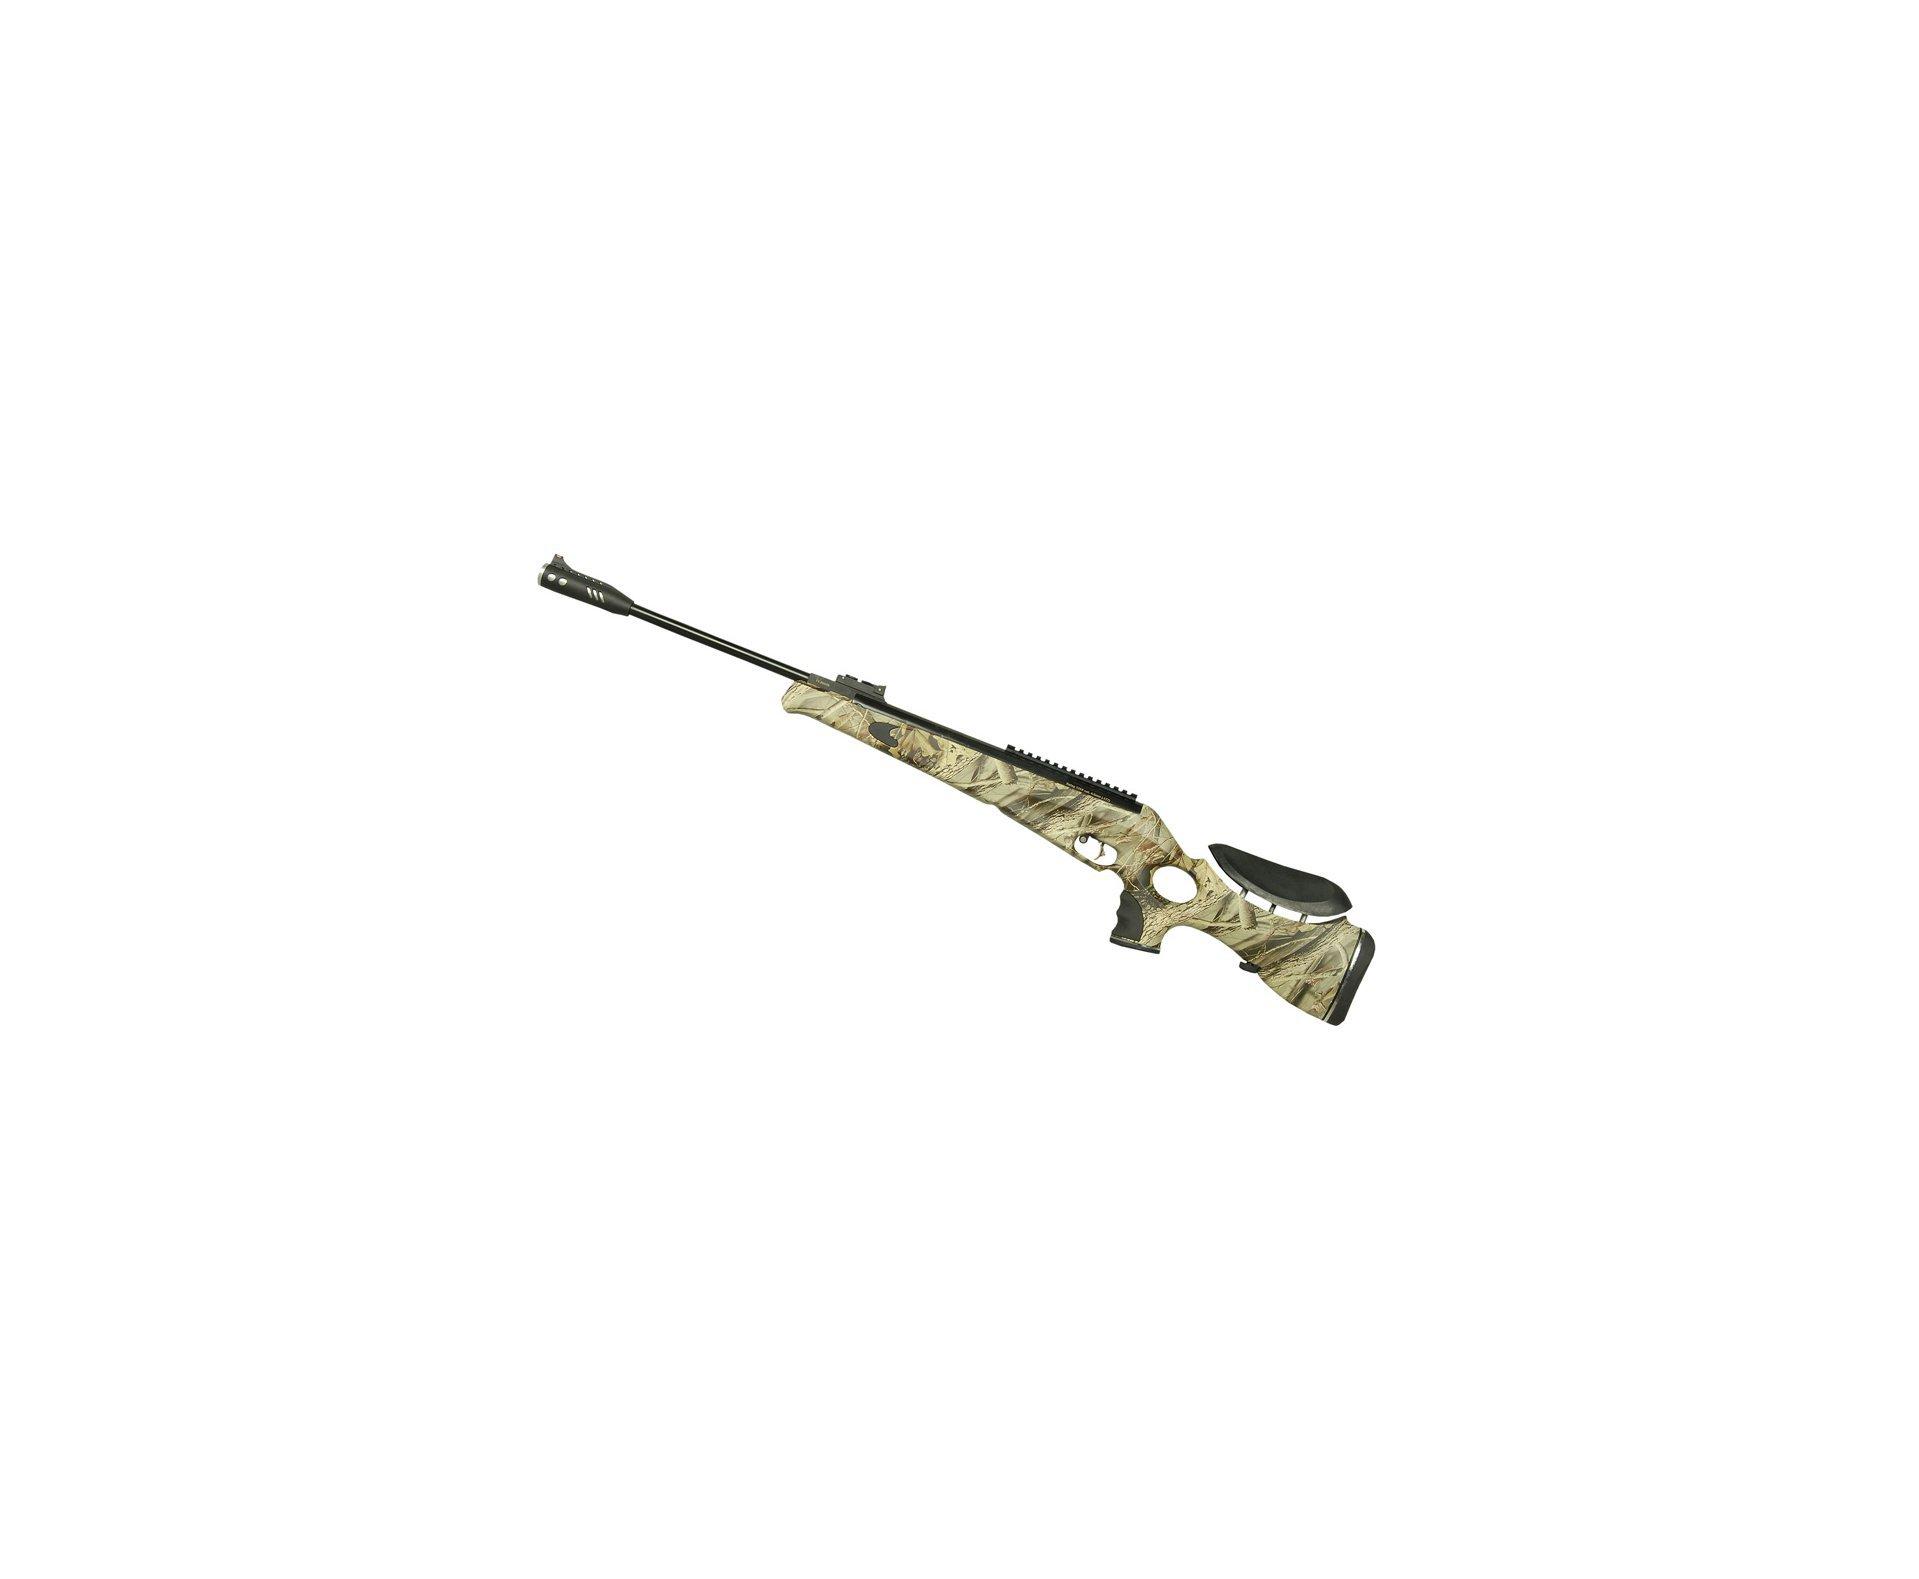 Carabina De Pressão Mod 135x Camo - Calibre 5,5 Mm - Retay